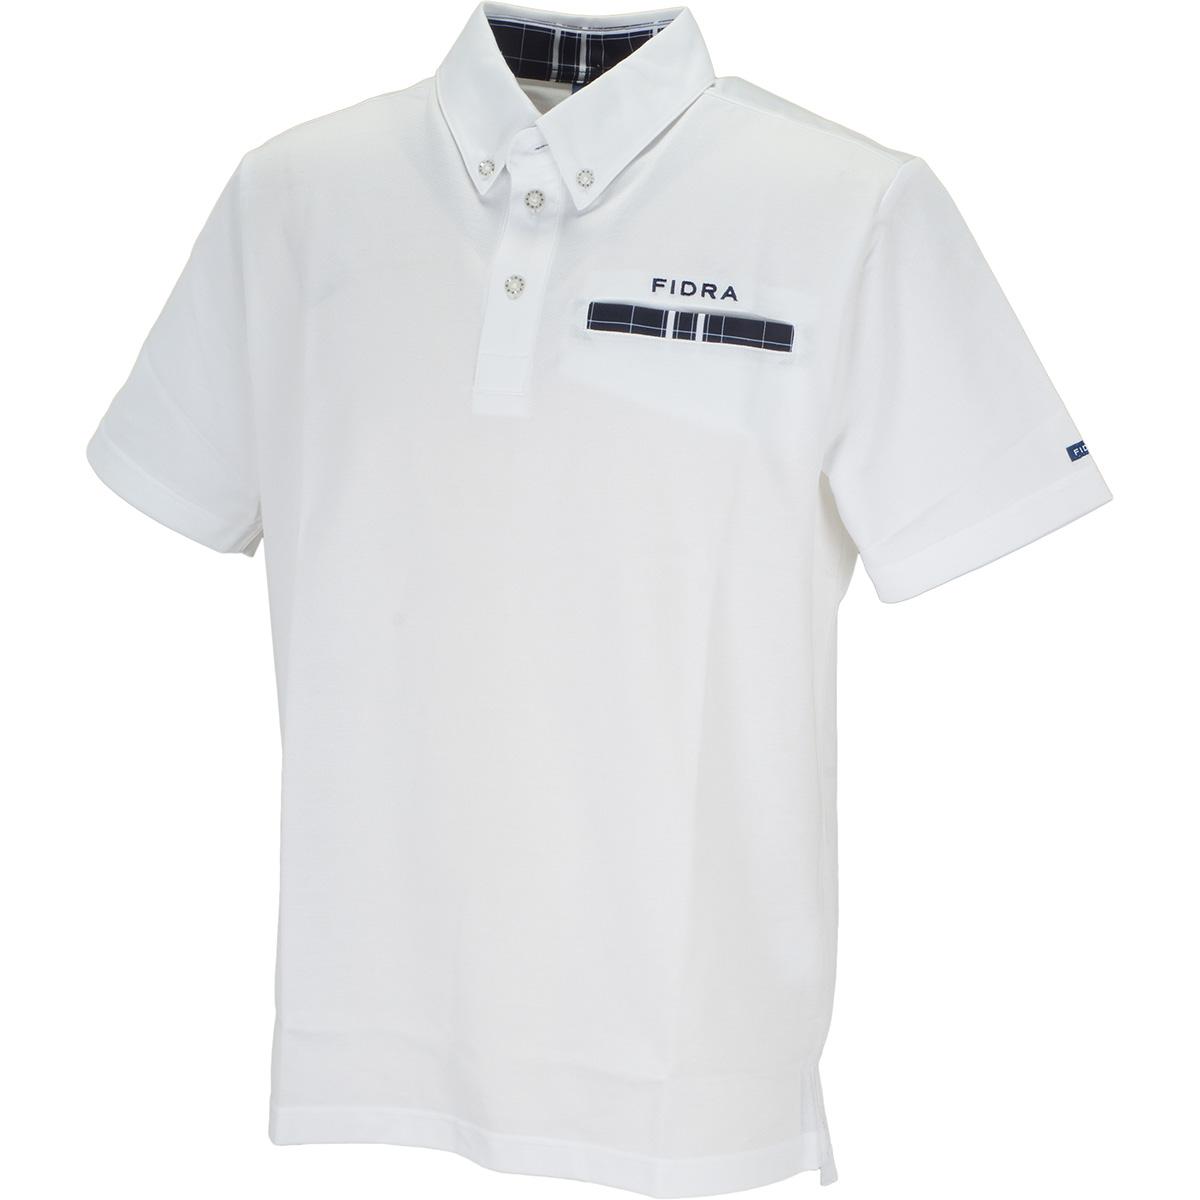 千鳥ポケット 半袖ポロシャツ